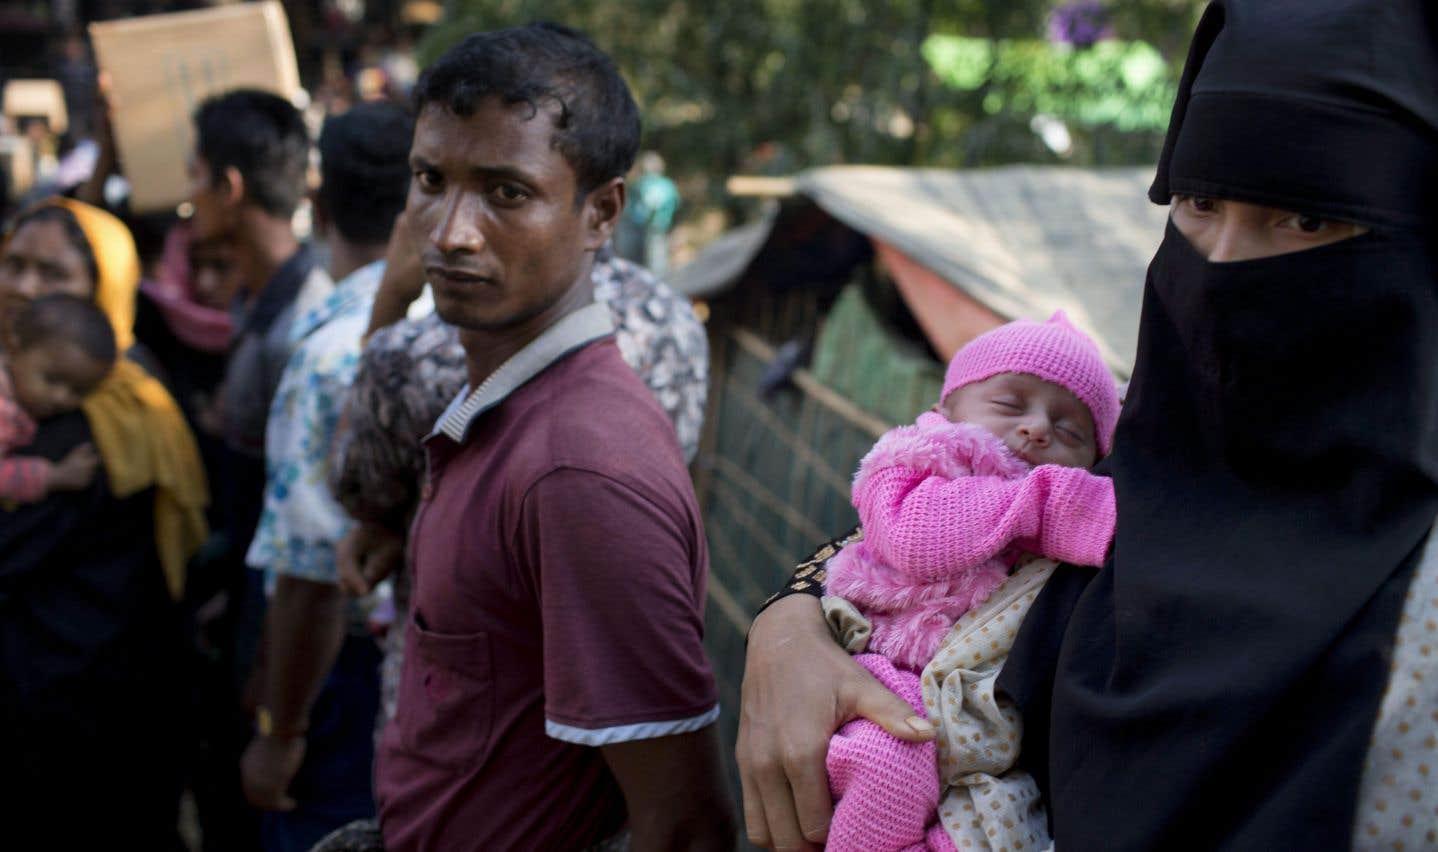 Le Bangladesh prépare le rapatriement de 100 000 Rohingyas